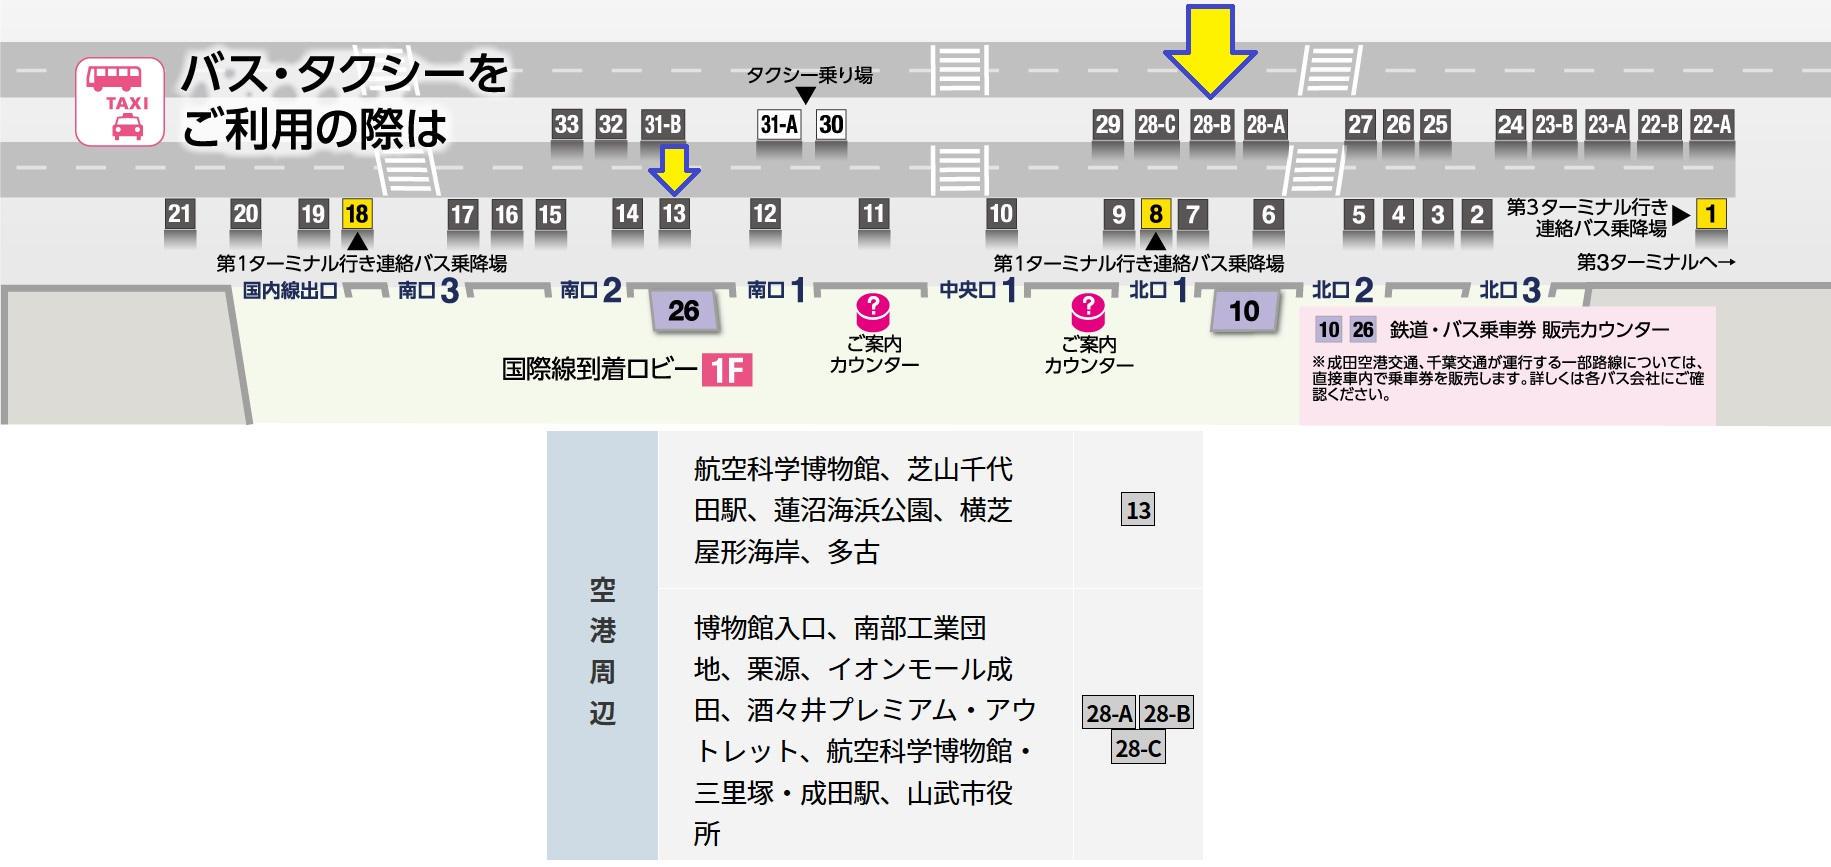 第2ターミナルの一般路線バス乗り場は【28番】【13番】